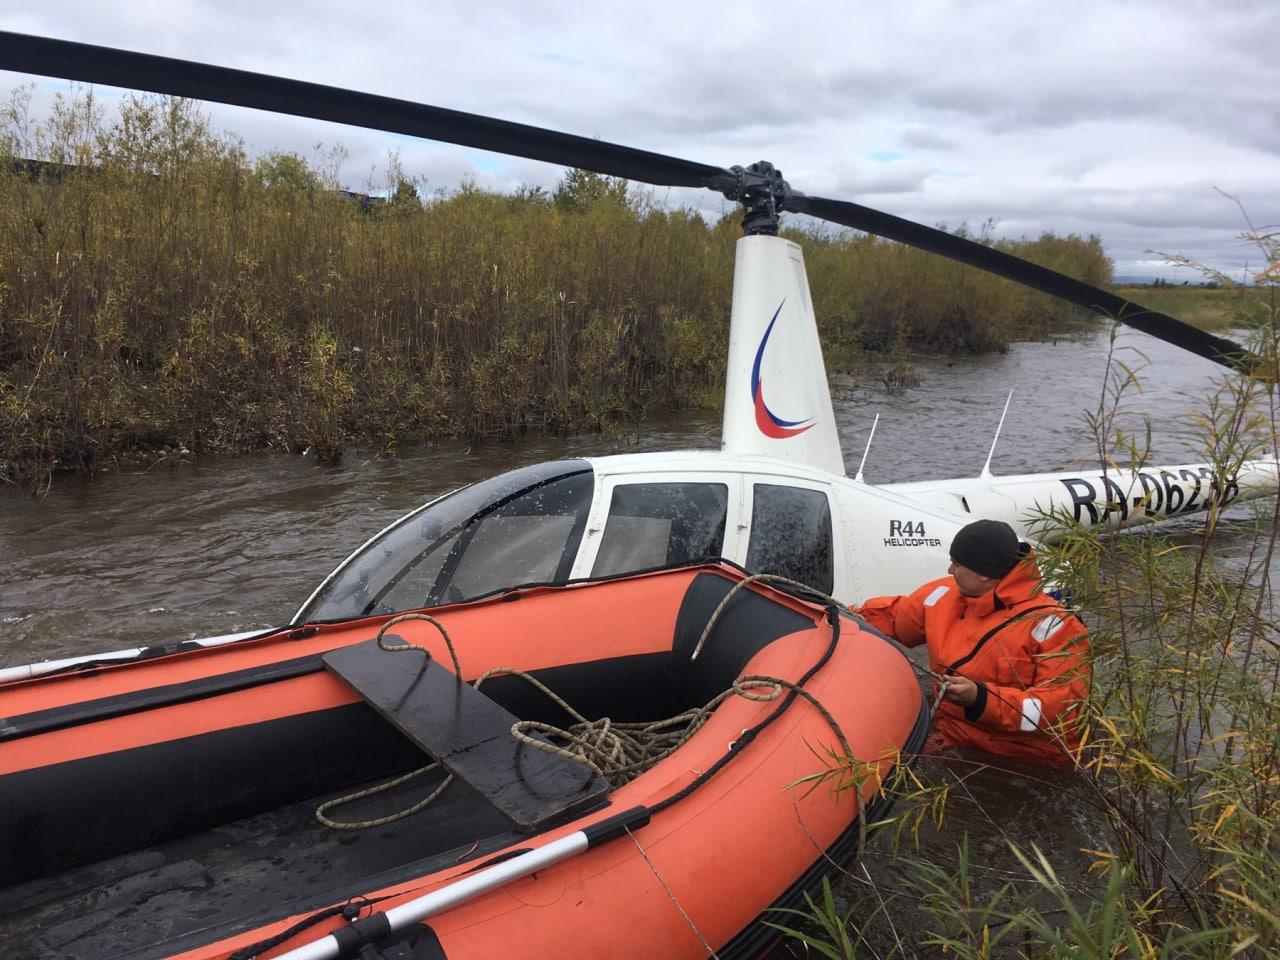 Вертолет Robinson упал в Читинку в районе Школы 17 из-за неисправности приборов